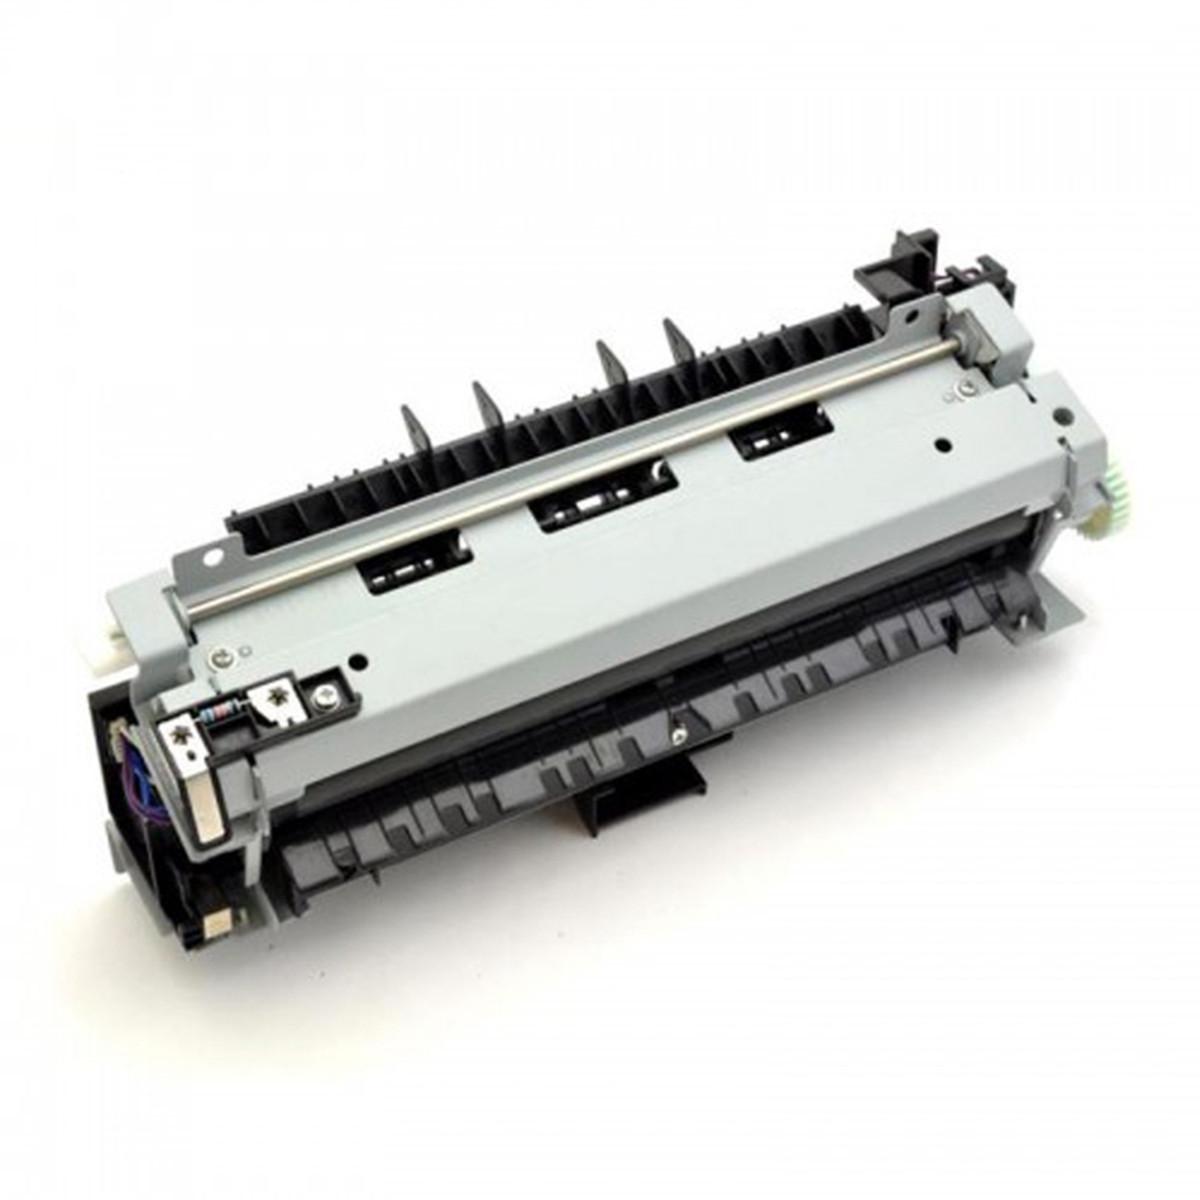 Unidade Fusora HP P3015 P3015D 3015D P3015N 3015N P3015X 3015X P3015DN 3015DN   RM1-6274   Importado